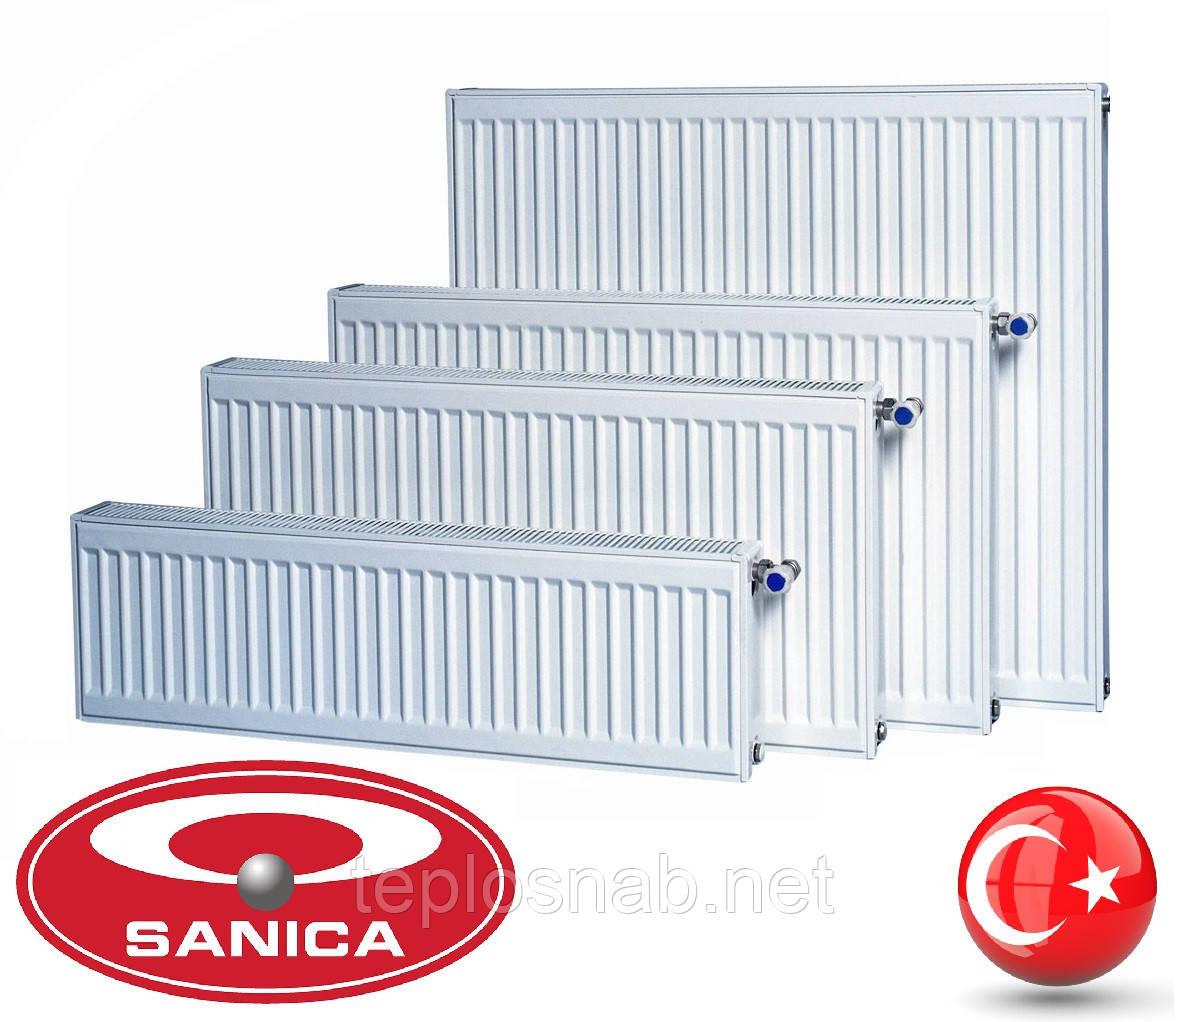 Стальной радиатор Sanica 11 тип (500 х 900 мм) / 888 Вт